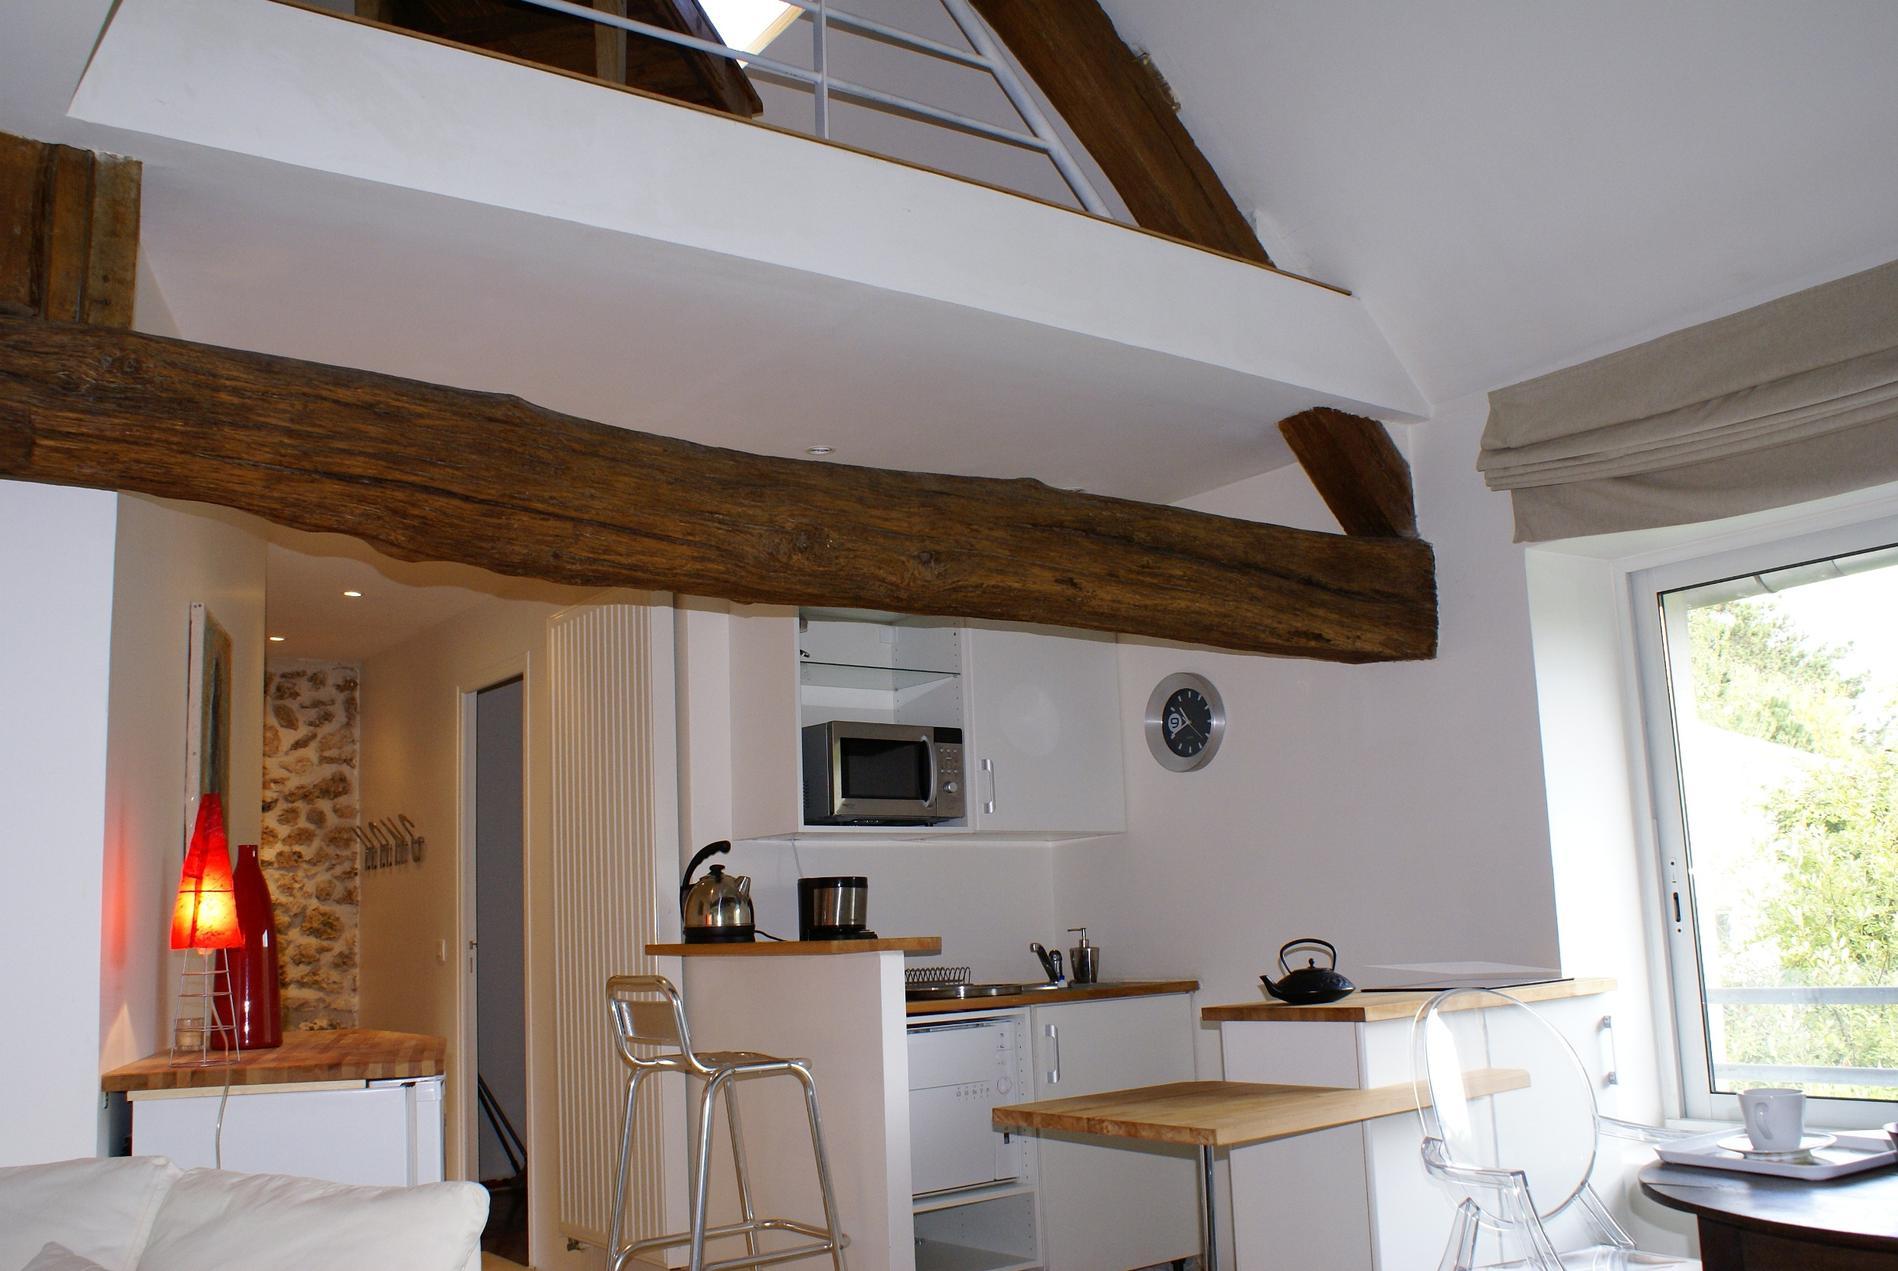 la grange de coupieres une chambre d 39 hotes dans l 39 essonne en ile de france grande couronne. Black Bedroom Furniture Sets. Home Design Ideas